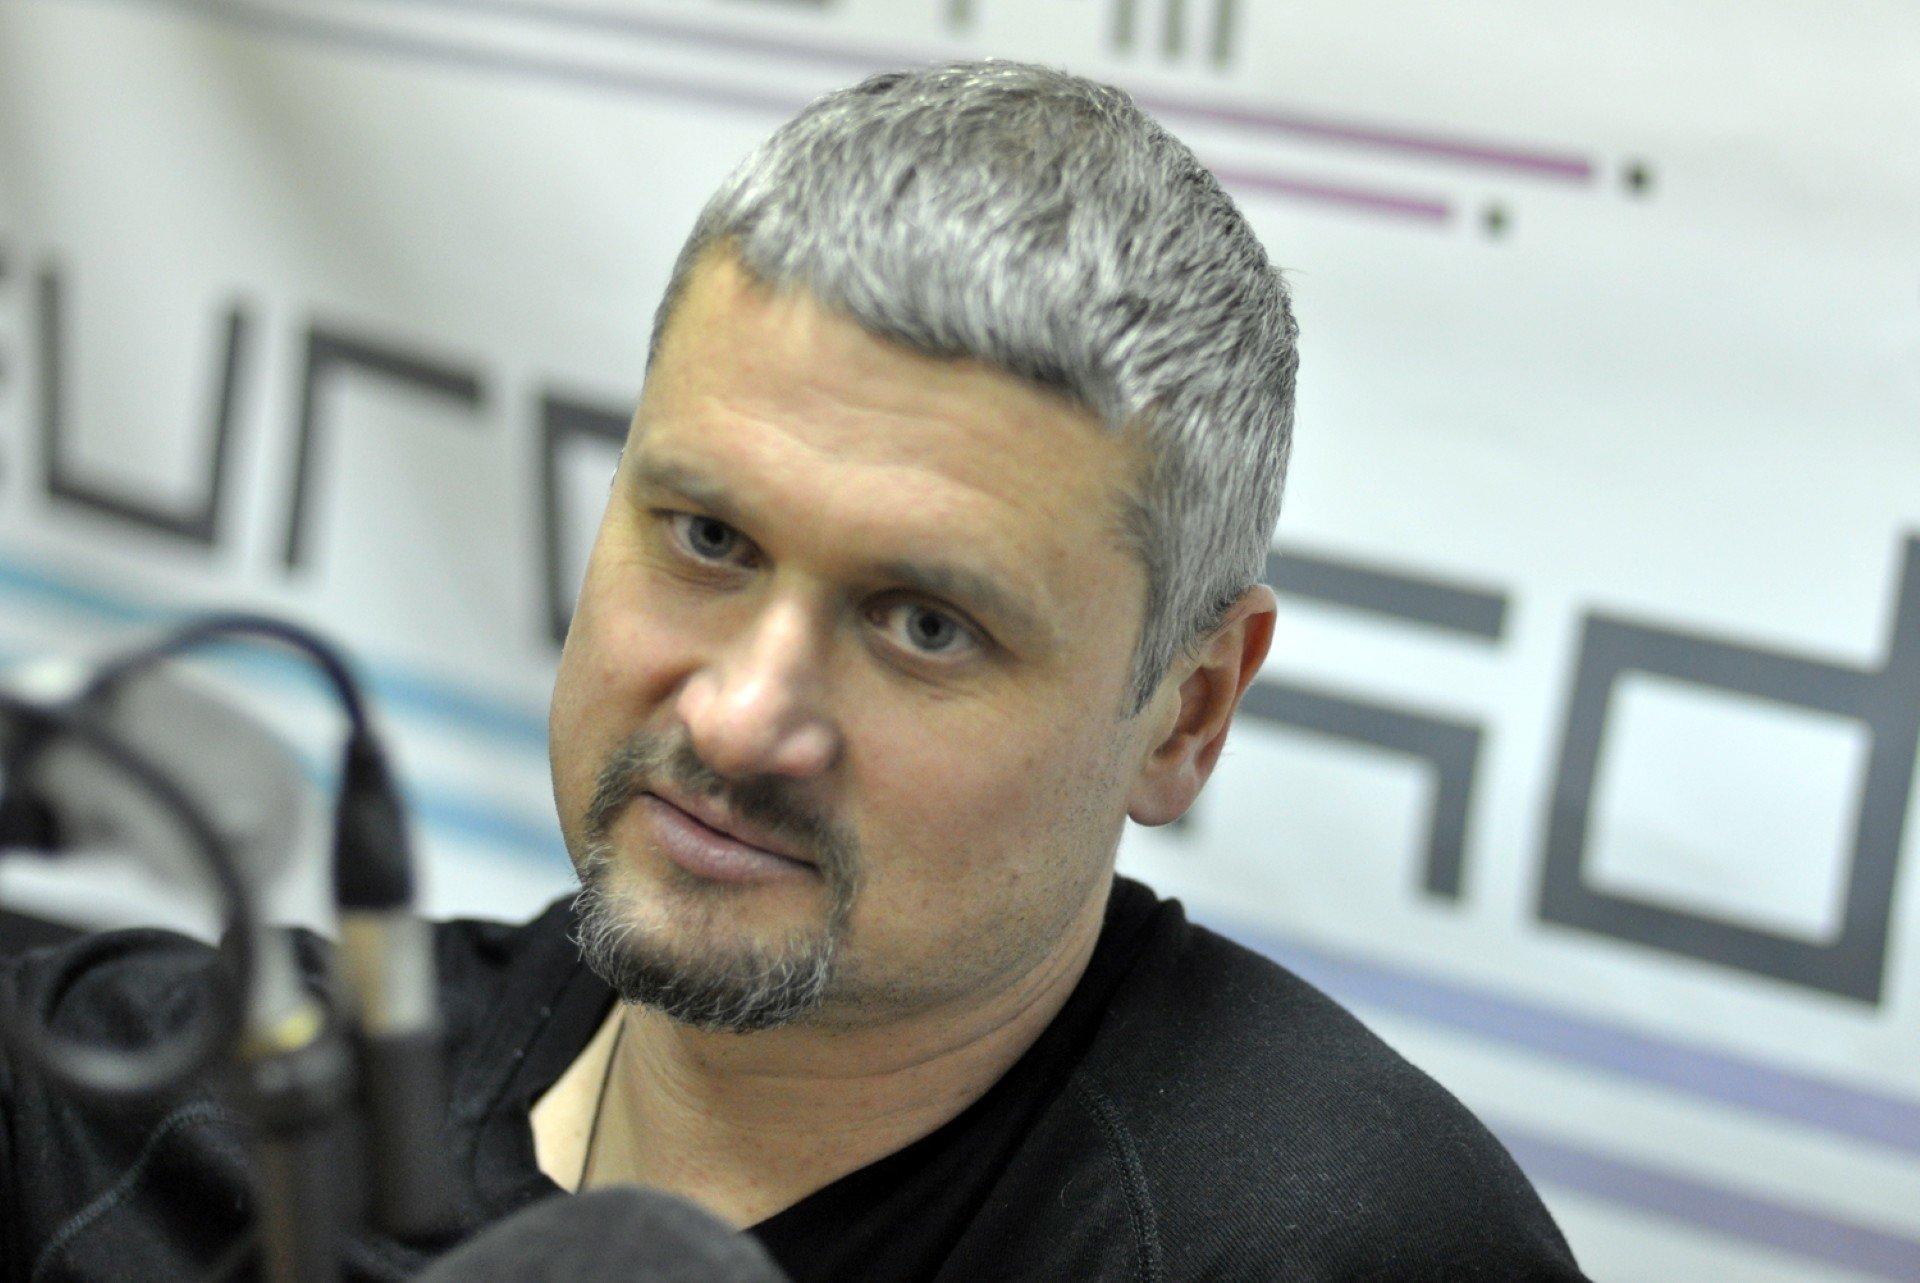 Белорусский музыкант сбежал в Киев из-за преследований